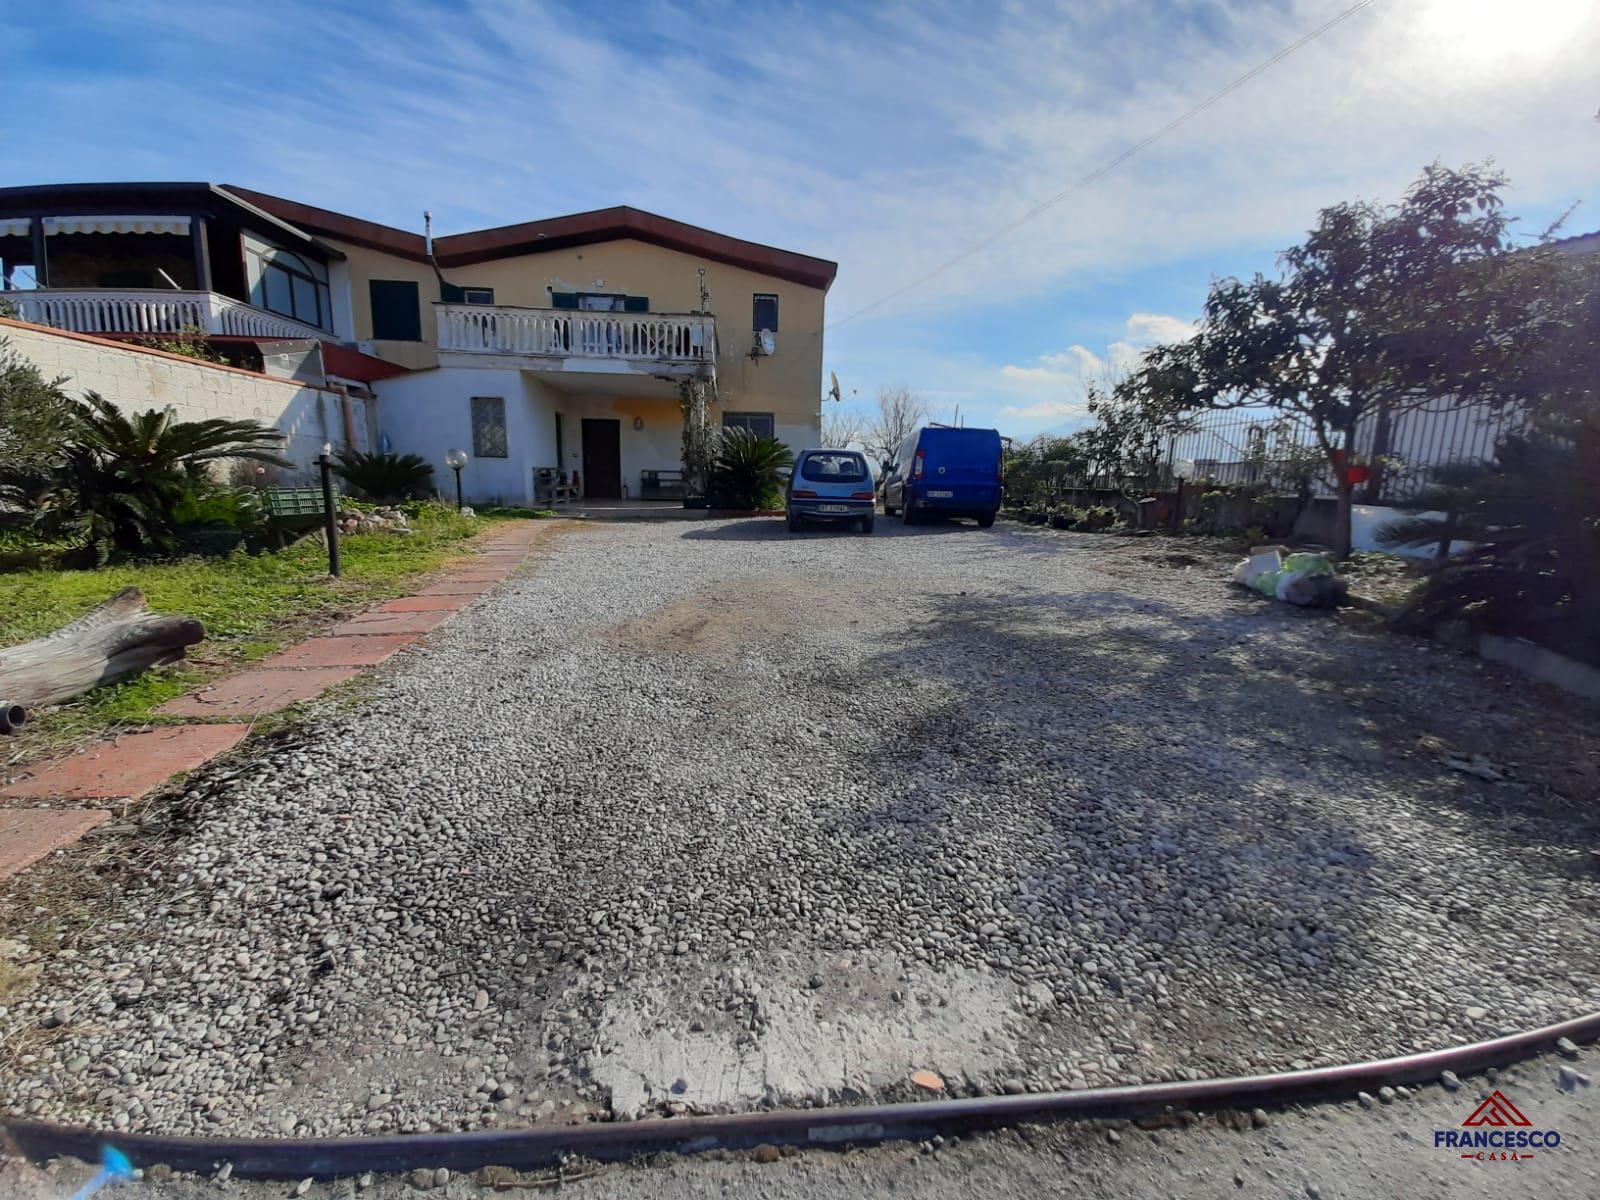 Villetta a schiera in vendita ad Angri Via Santa Maria